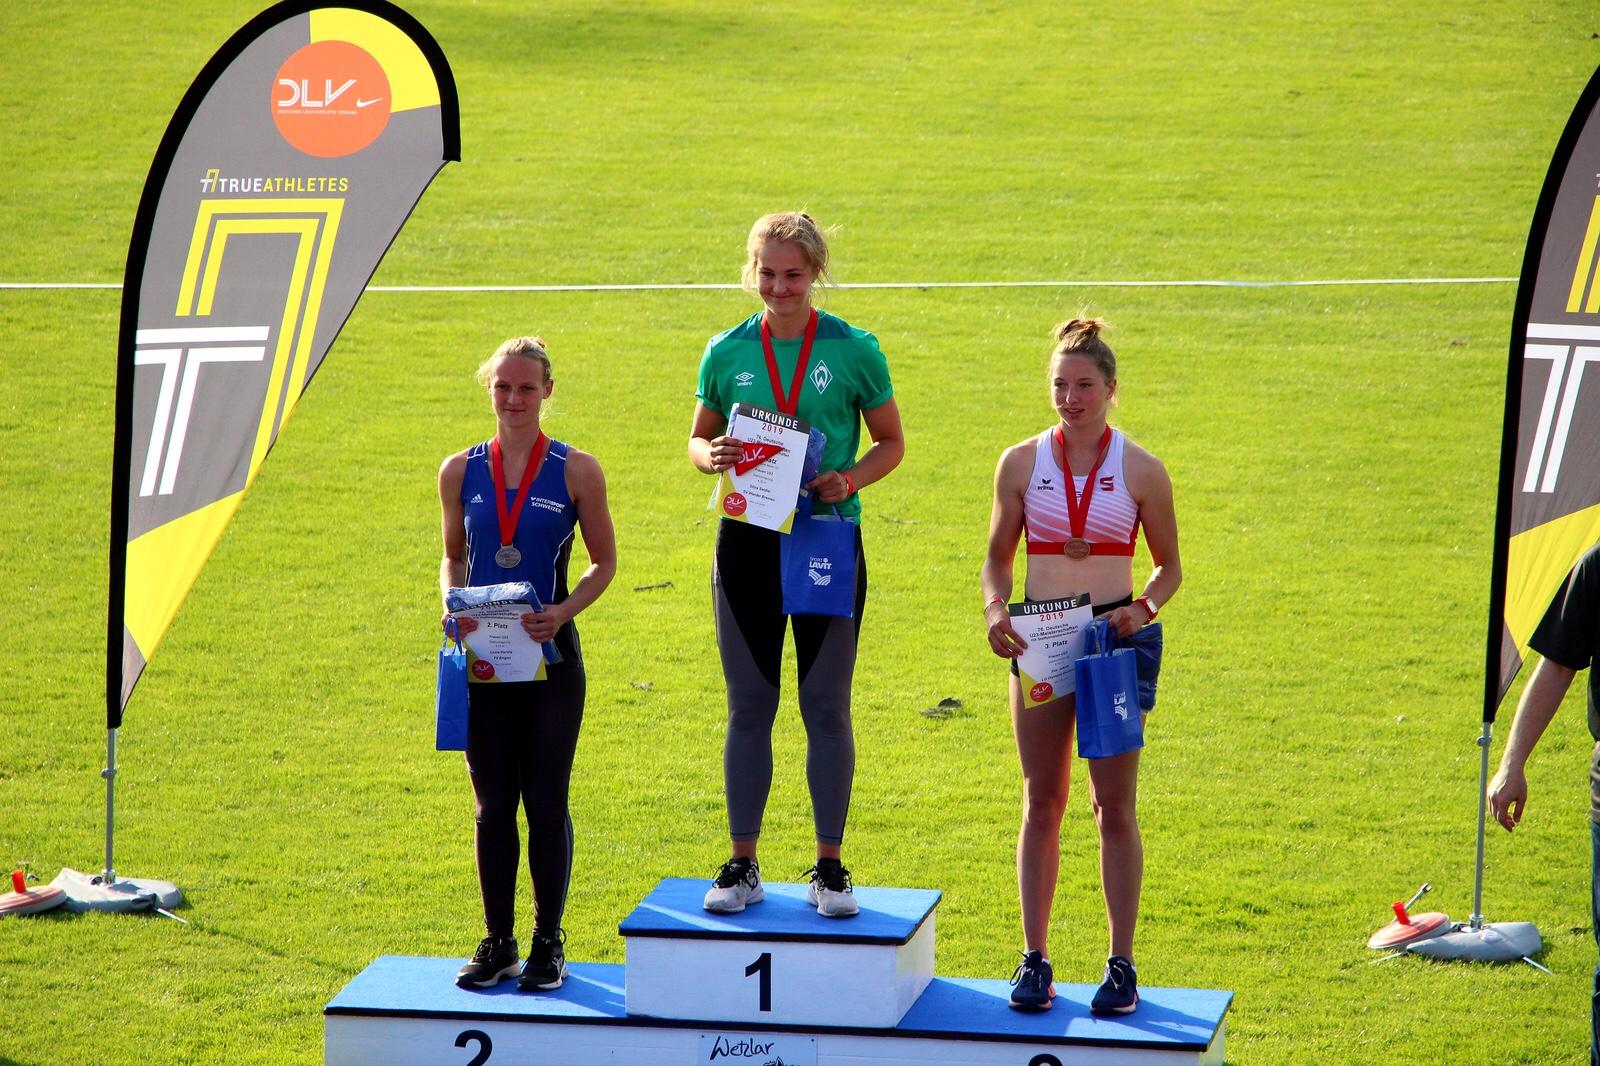 Stina holt sich den U23-Titel